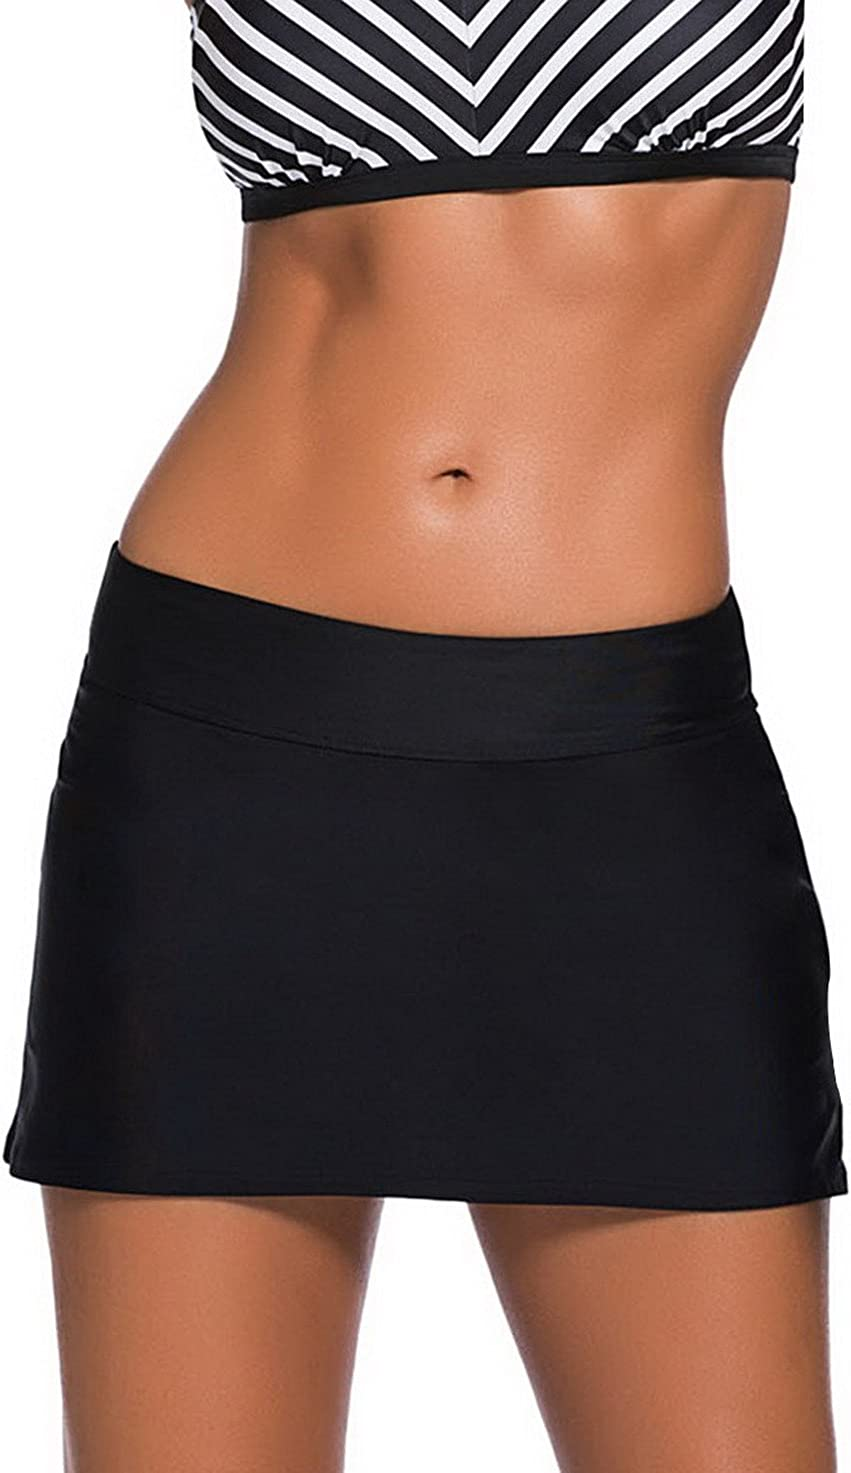 La vogue Falda Pantalón de Deporte Corto Natación para Mujer Tenis ...